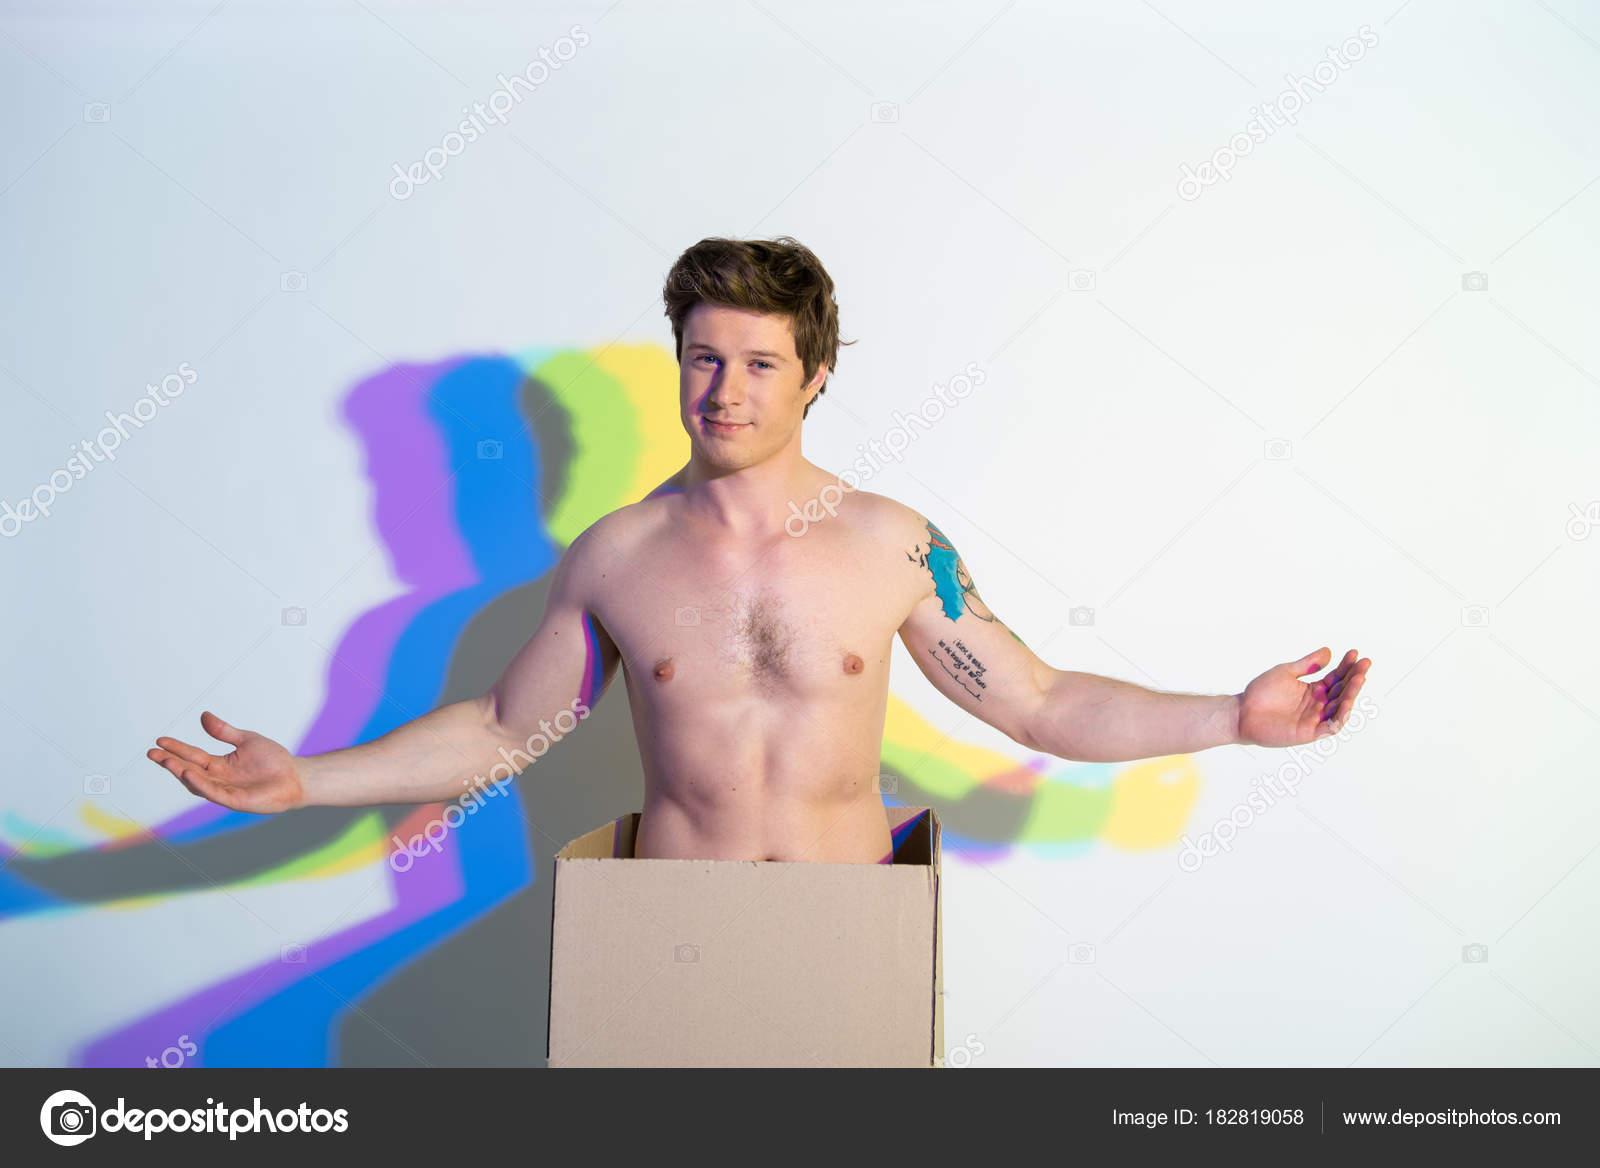 modelli di fitness maschili nude